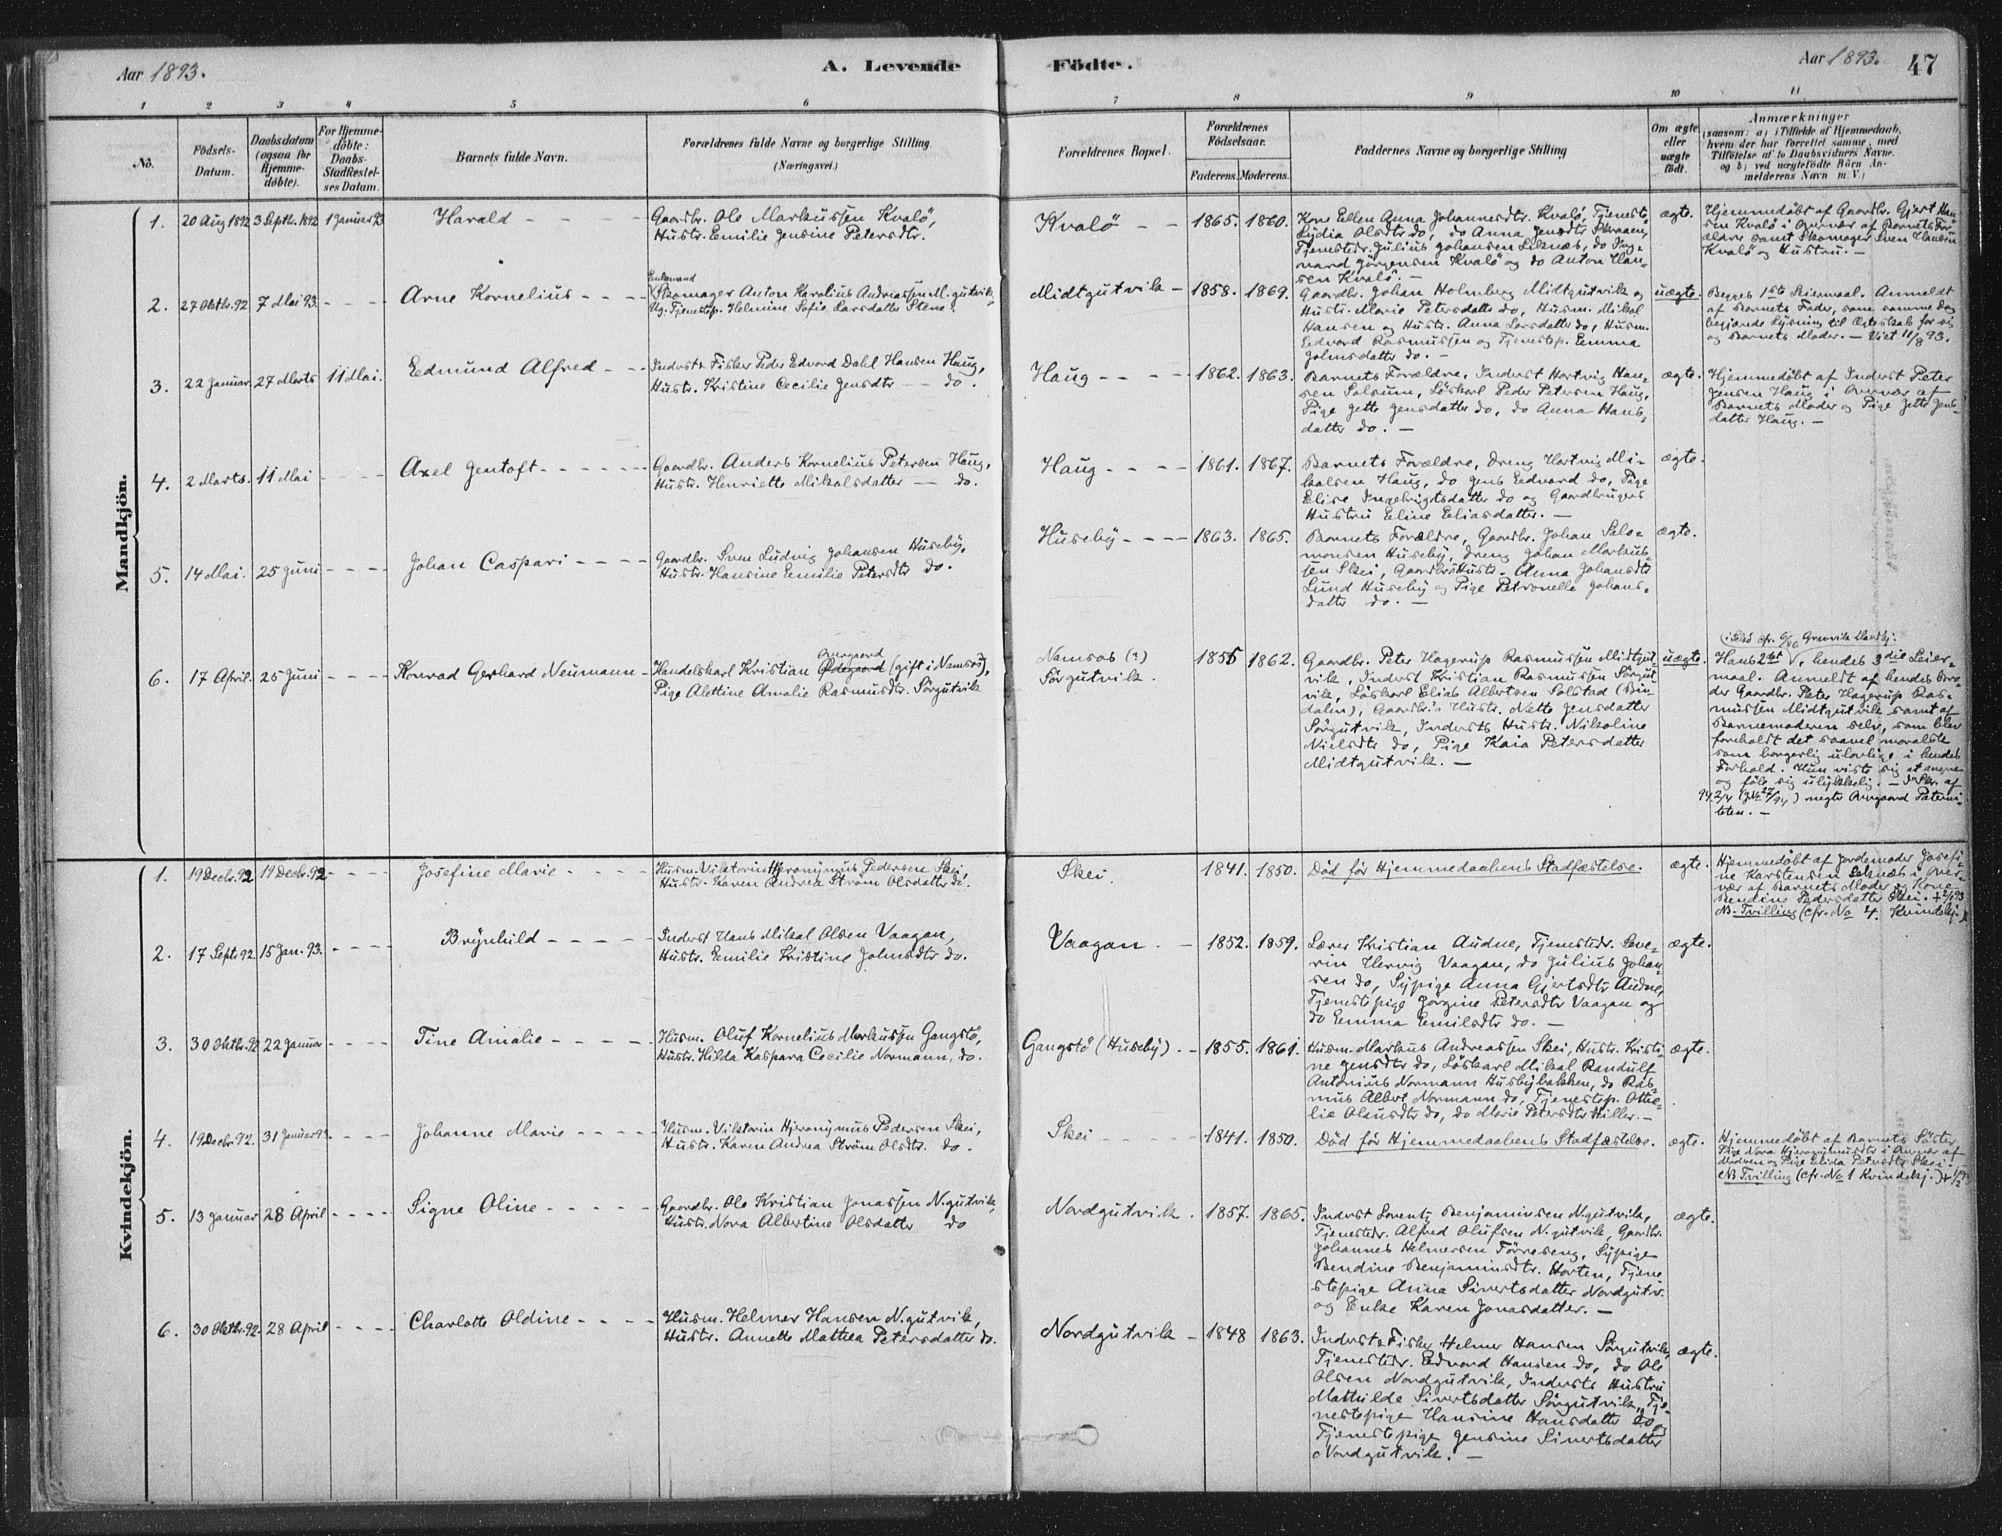 SAT, Ministerialprotokoller, klokkerbøker og fødselsregistre - Nord-Trøndelag, 788/L0697: Ministerialbok nr. 788A04, 1878-1902, s. 47